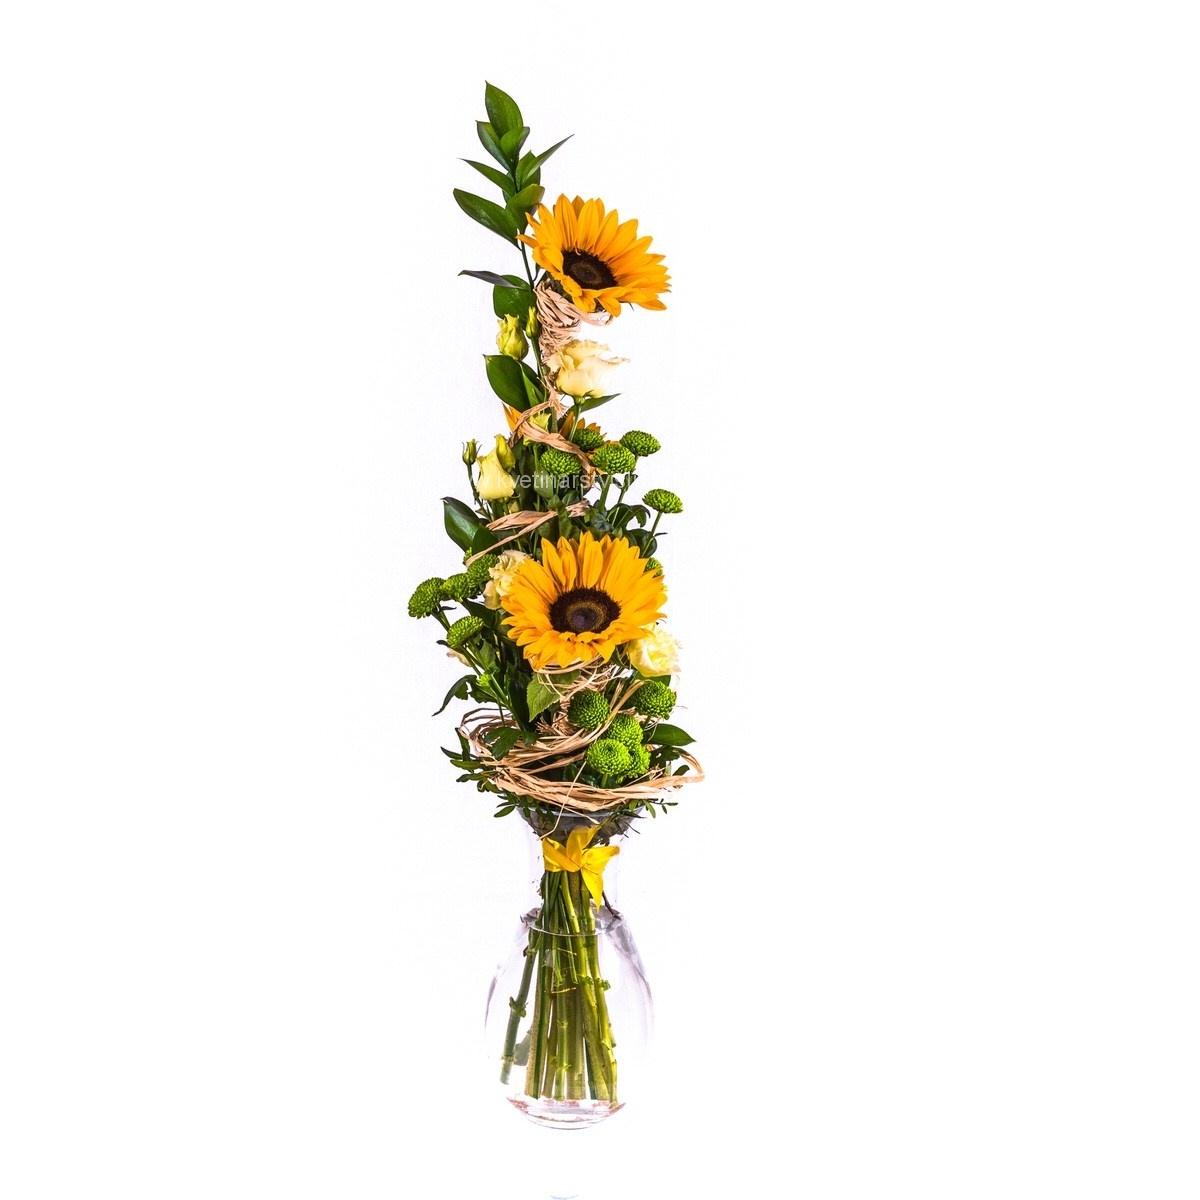 Zářivé slunečnice s eustomou